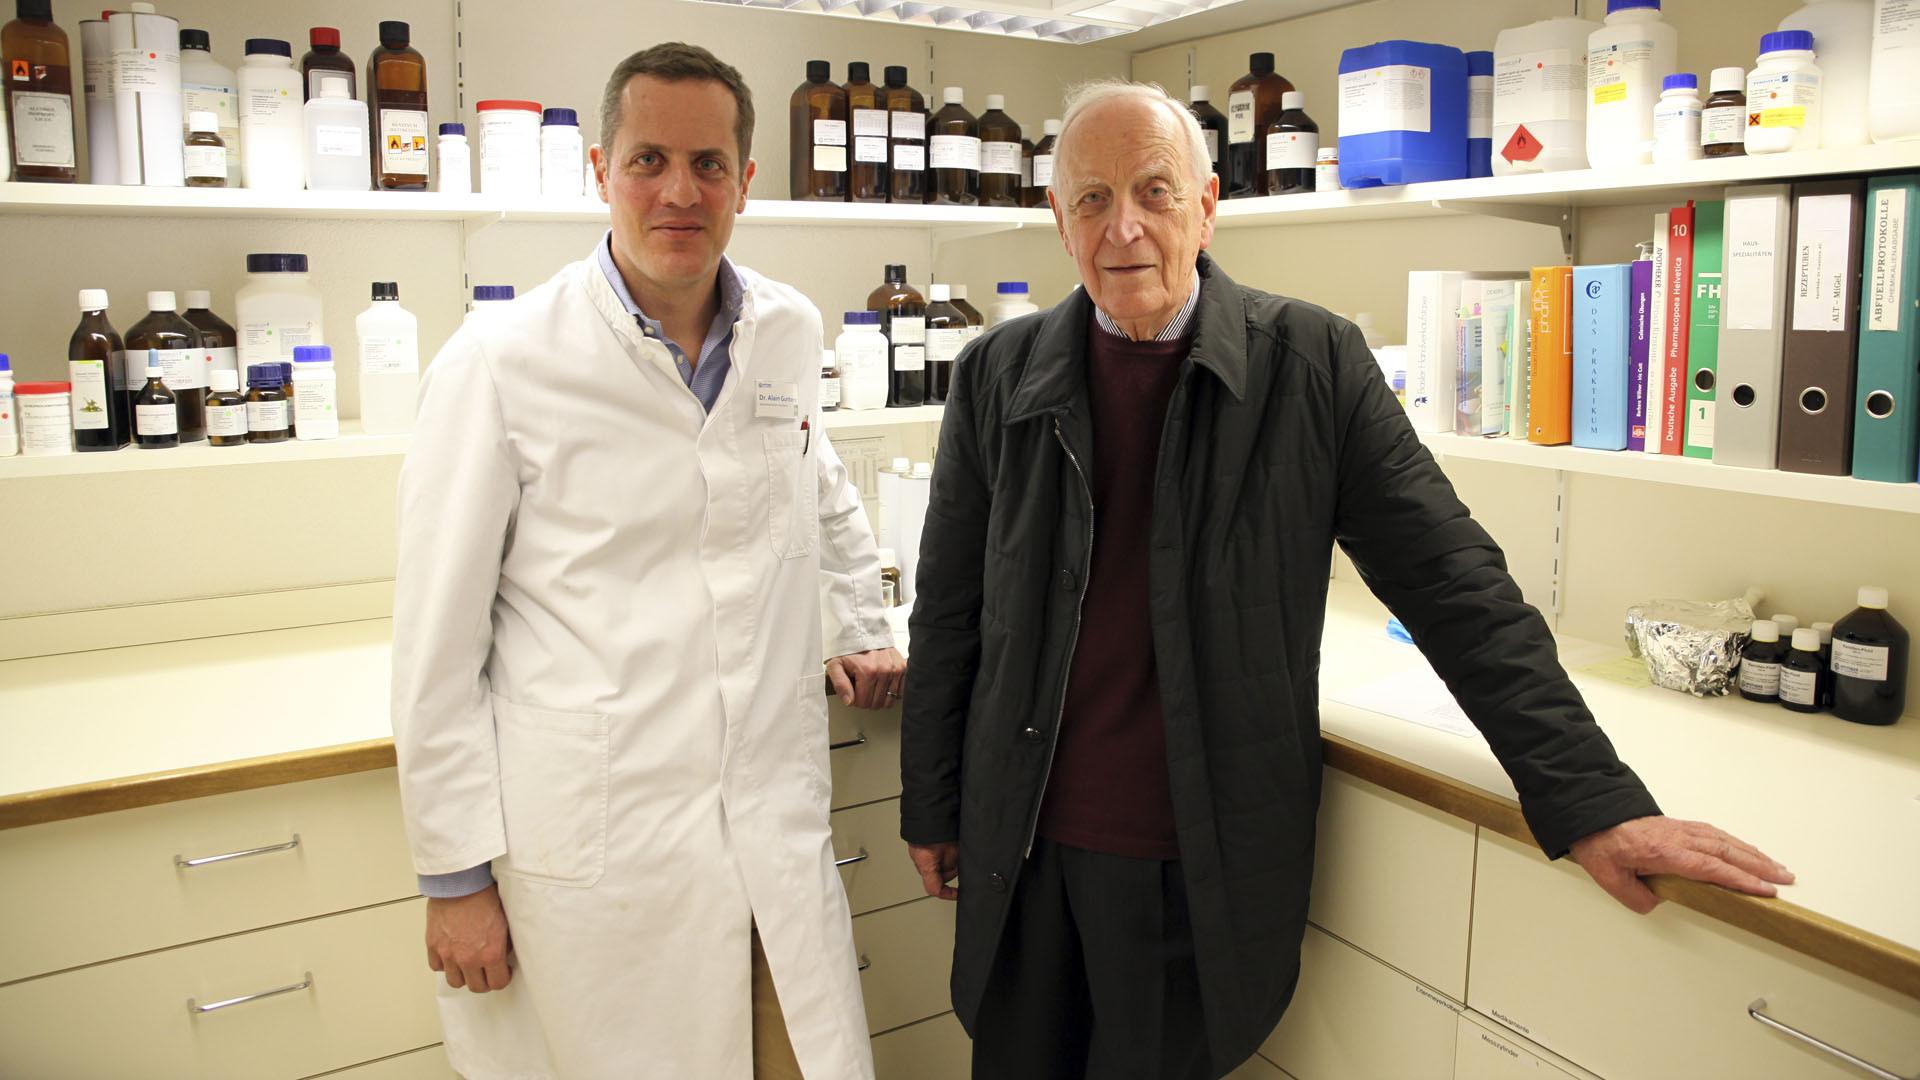 Brig le 15 mars 2016. Le docteur Alain Guntern et son père, Robert qui a élaboré la formule de l'huile que la pharmacie fournit à l'évêché de Sion. (Photo: B. Hallet)